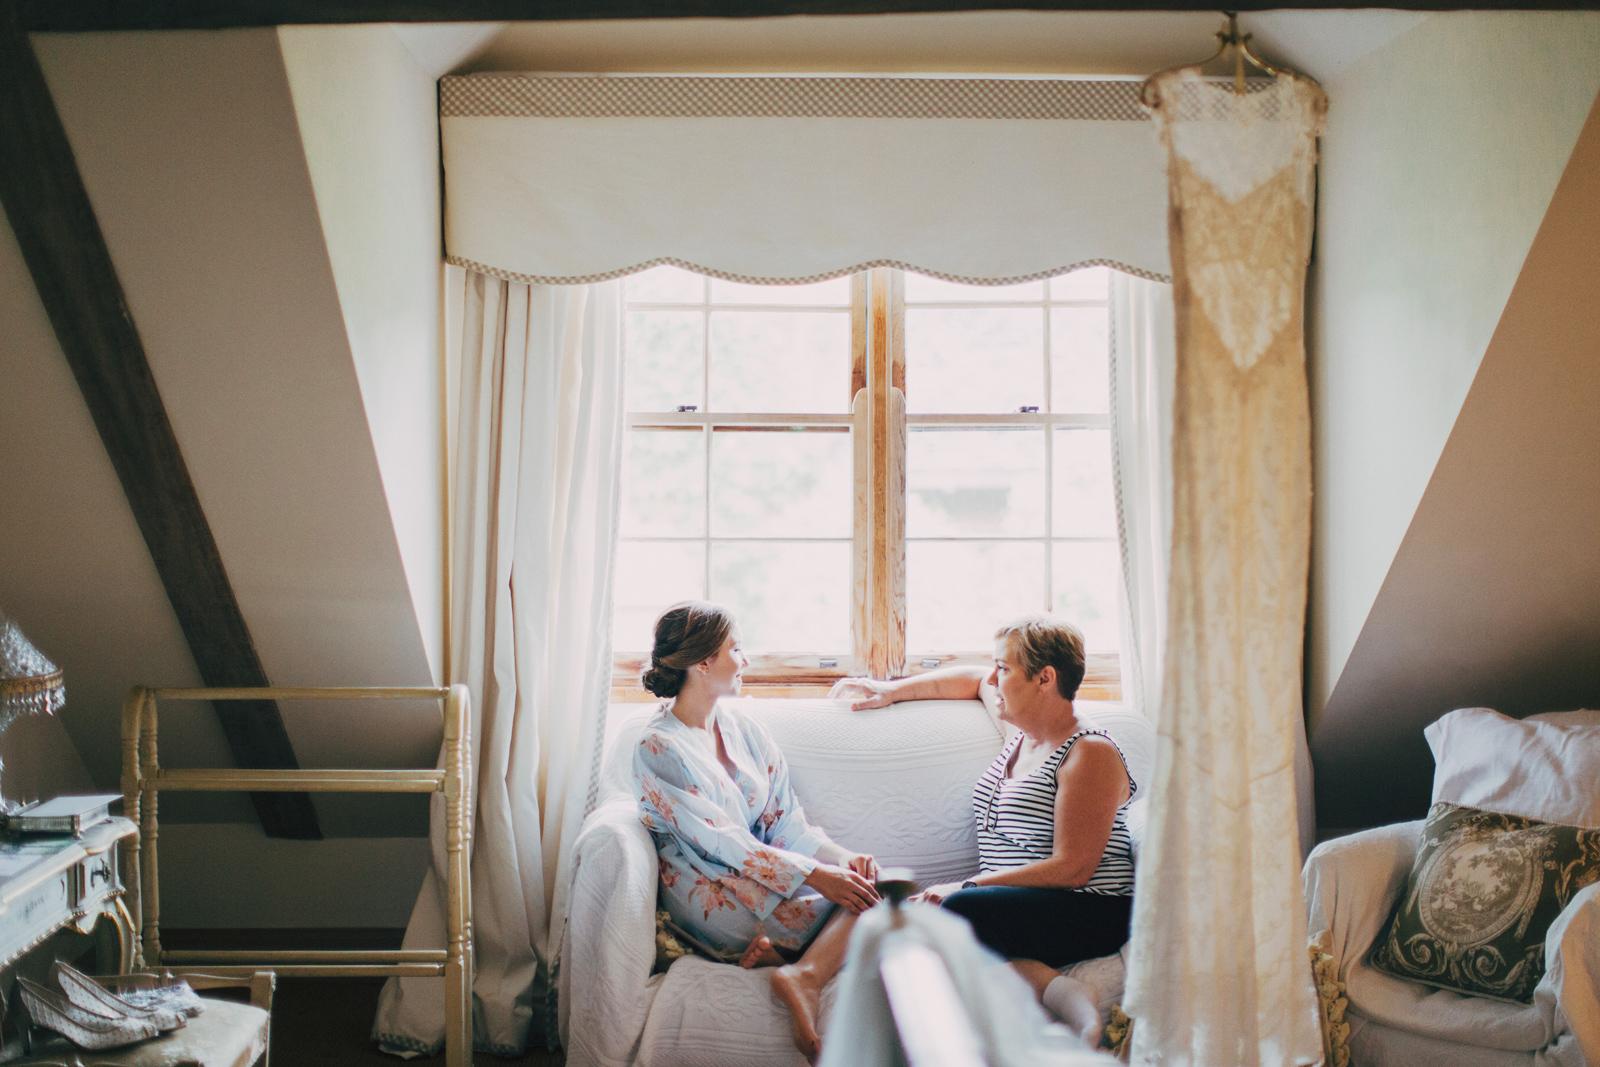 Hilary-&-Darren-Married---0080